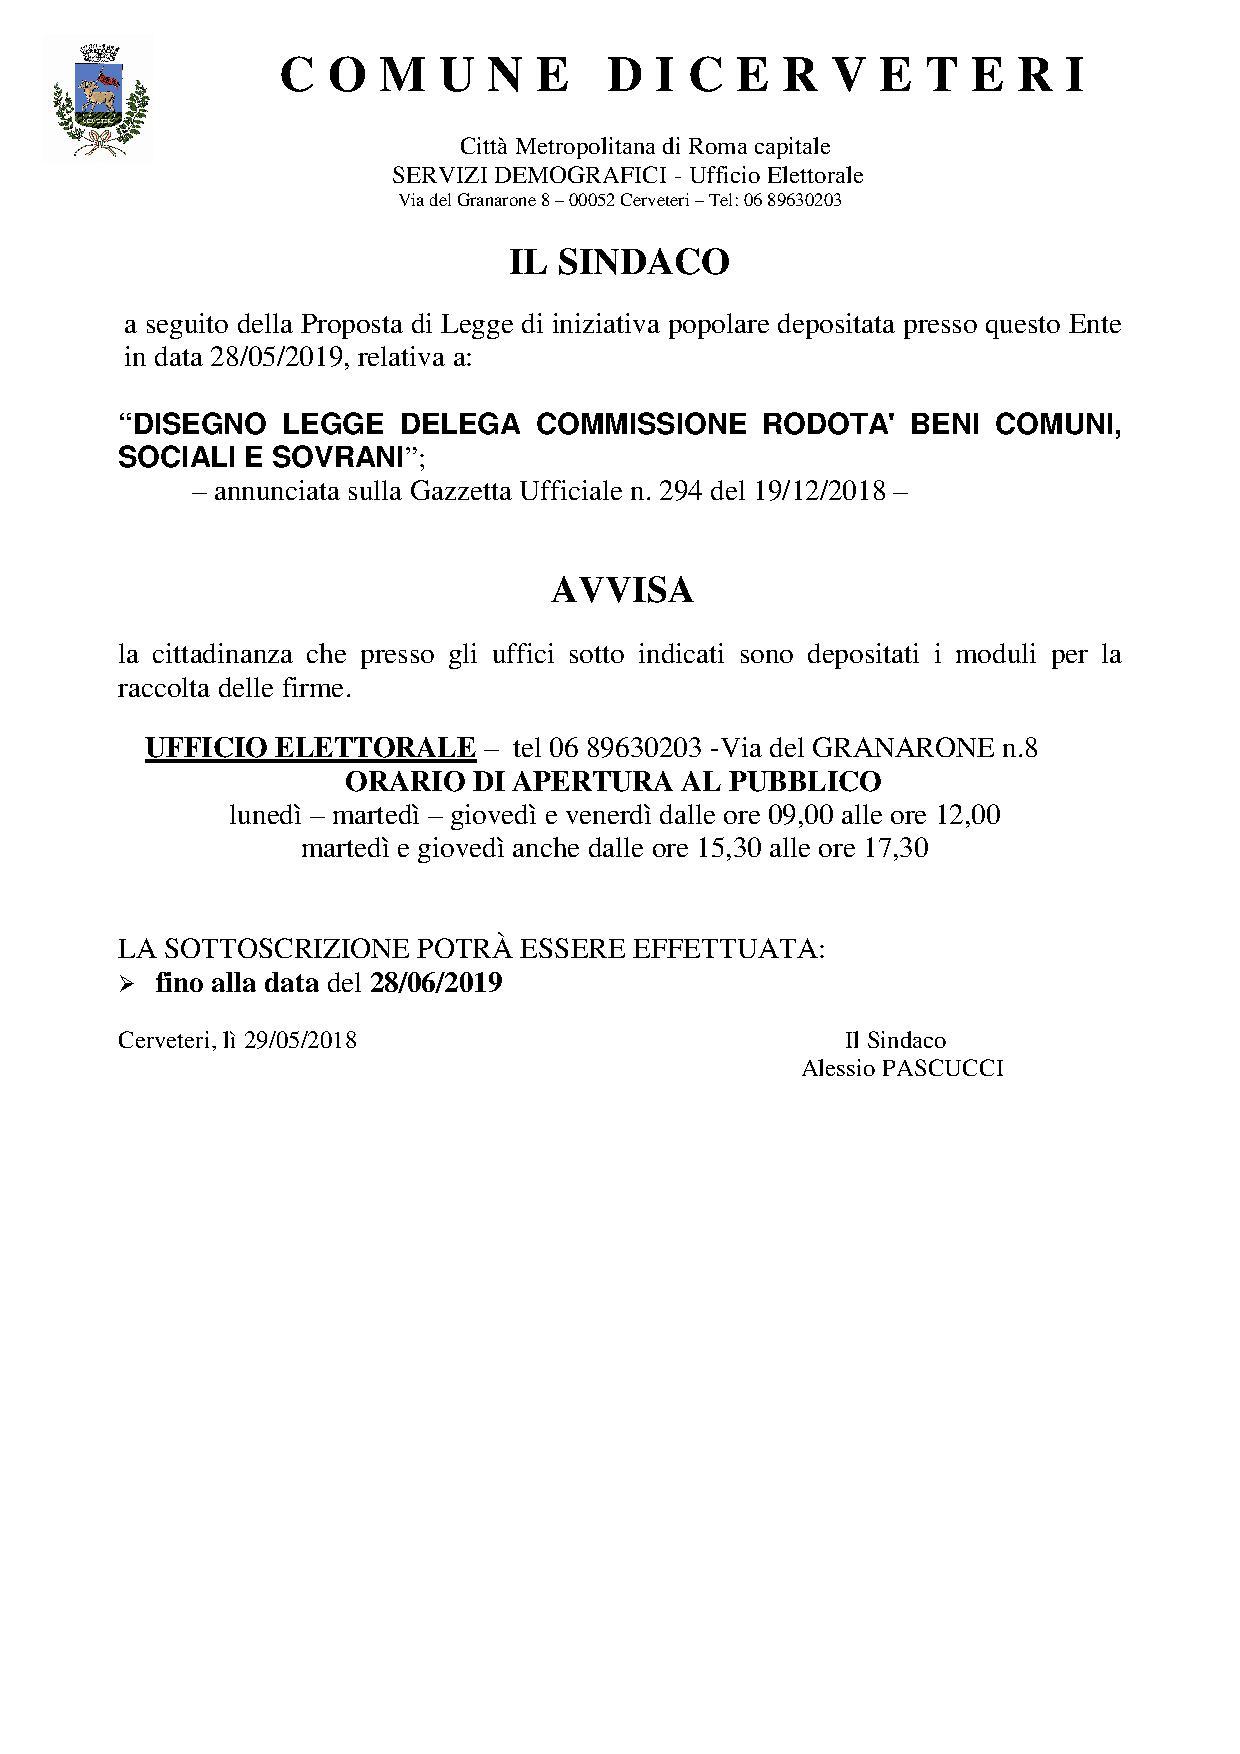 Legge di iniziativa popolare promossa dal comitato Rodotà